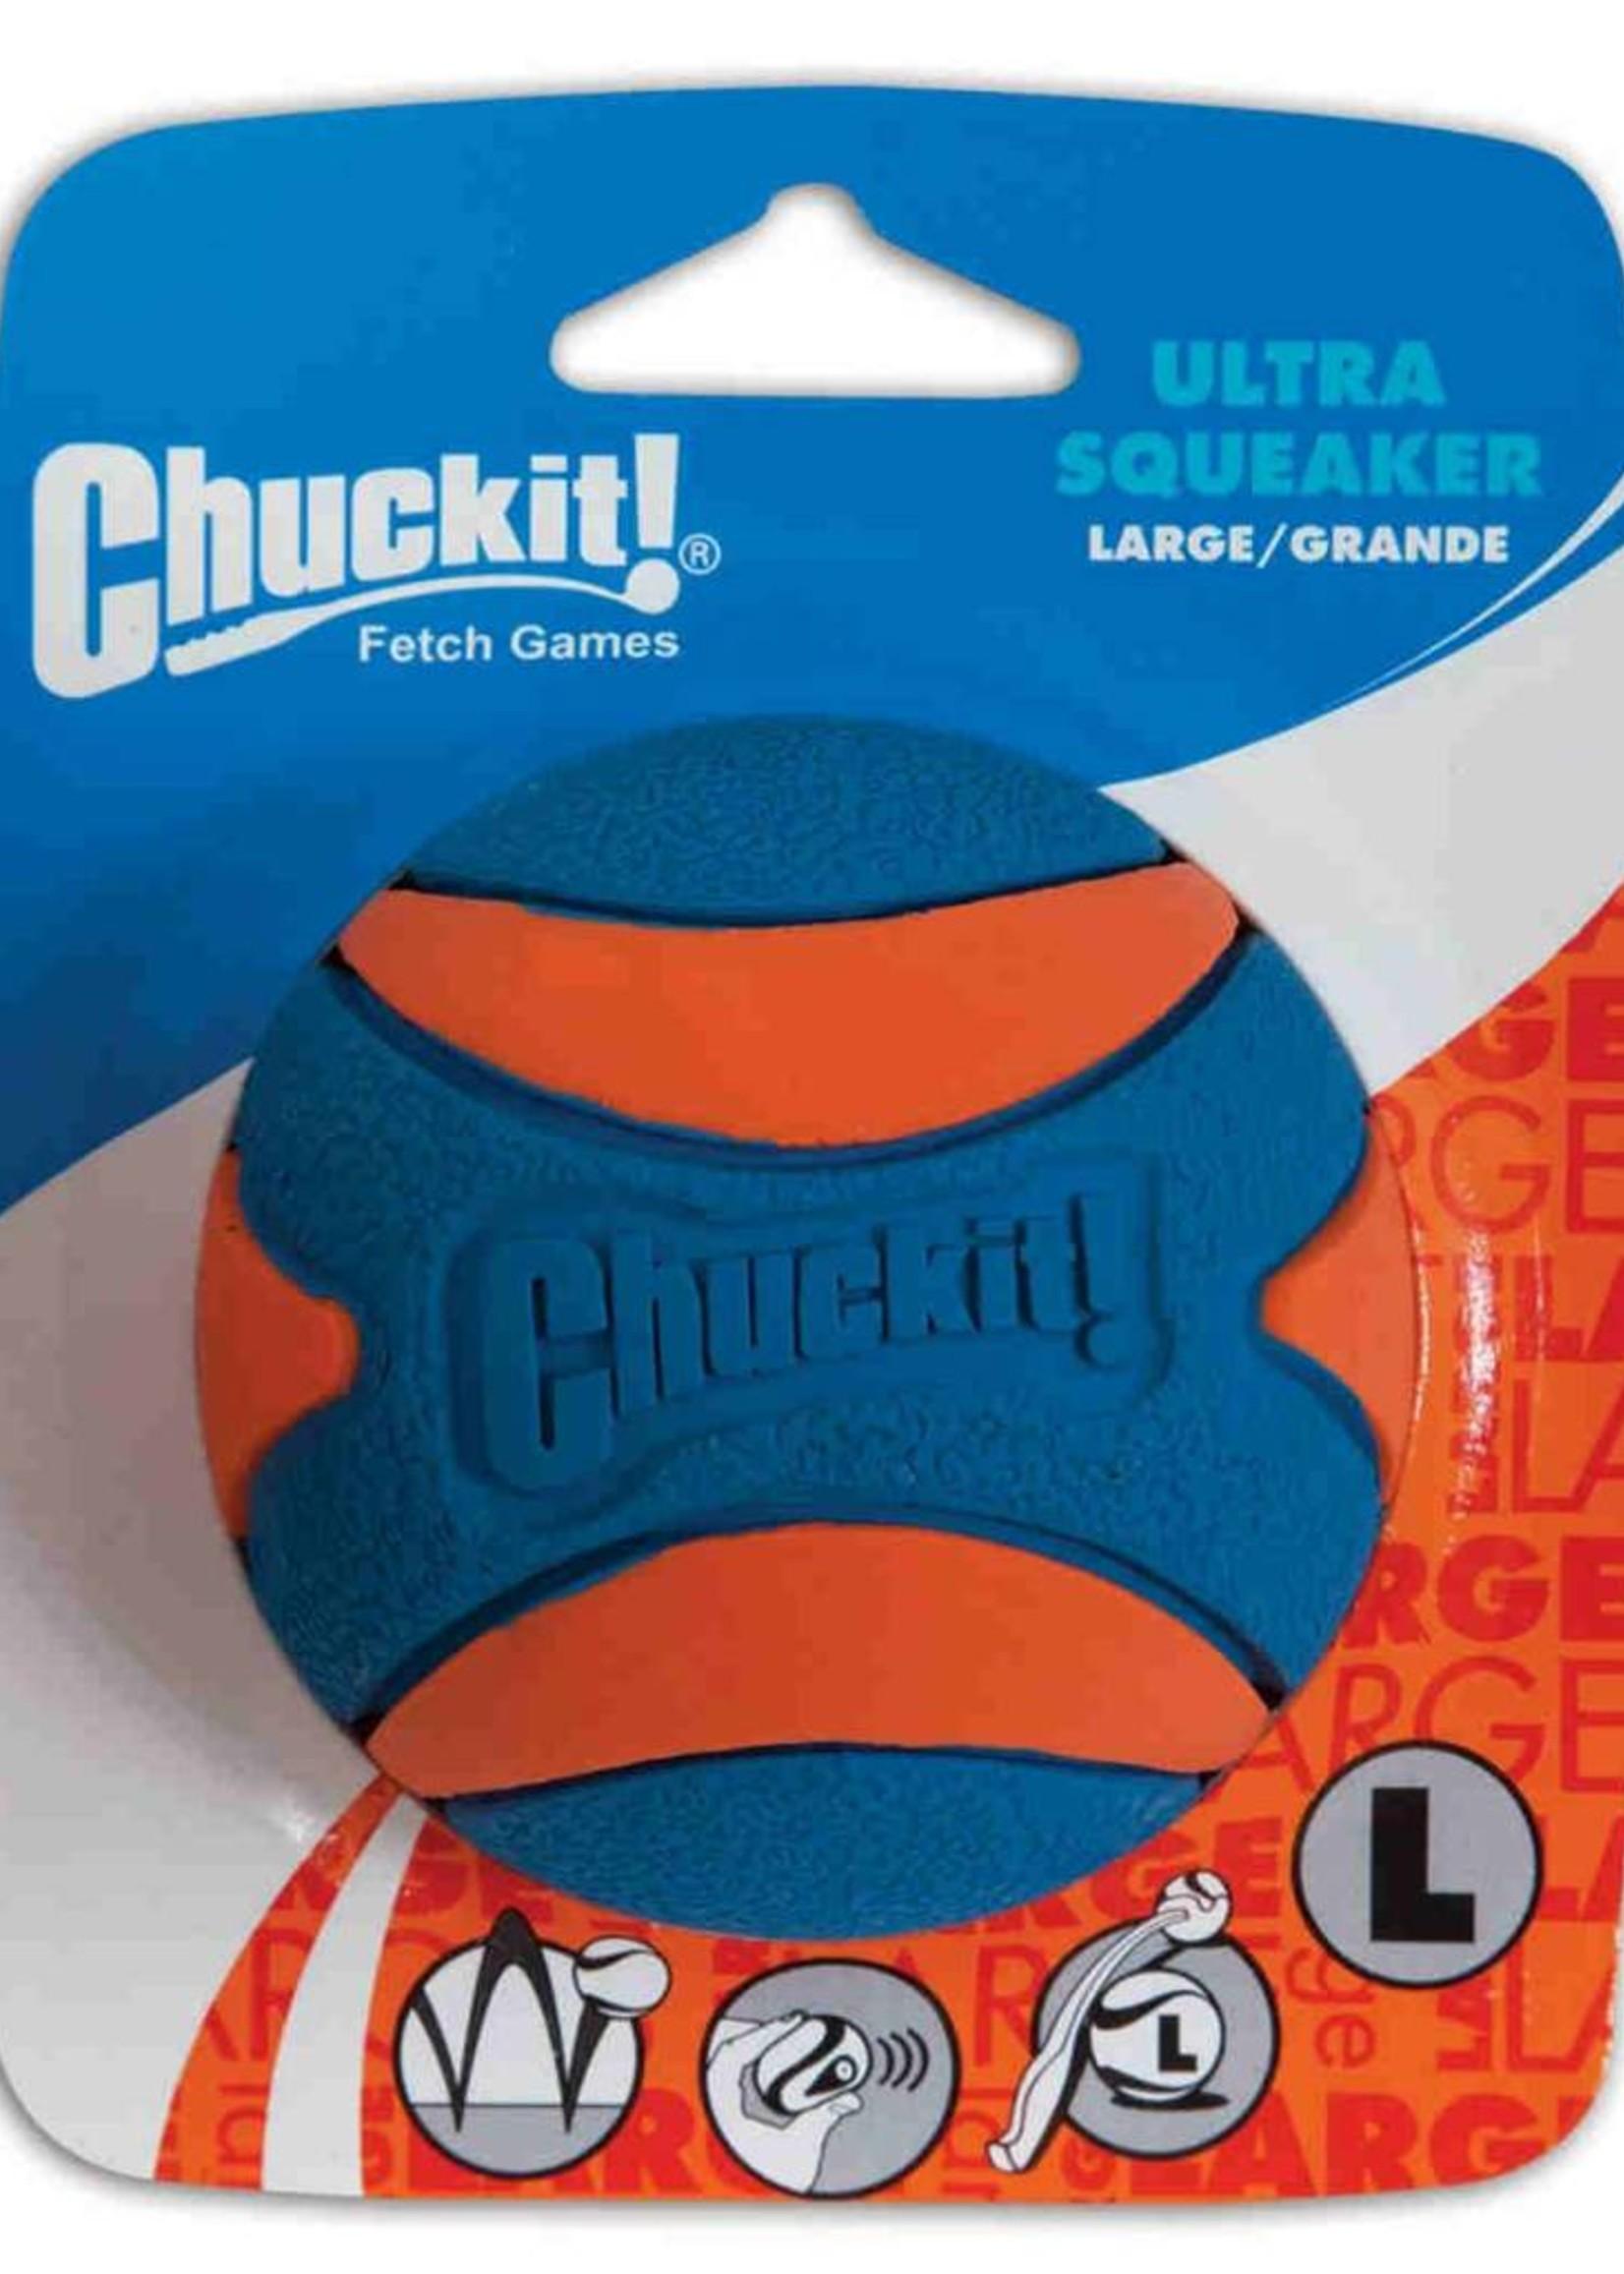 Chuckit! Ultra Sq Ball Lge